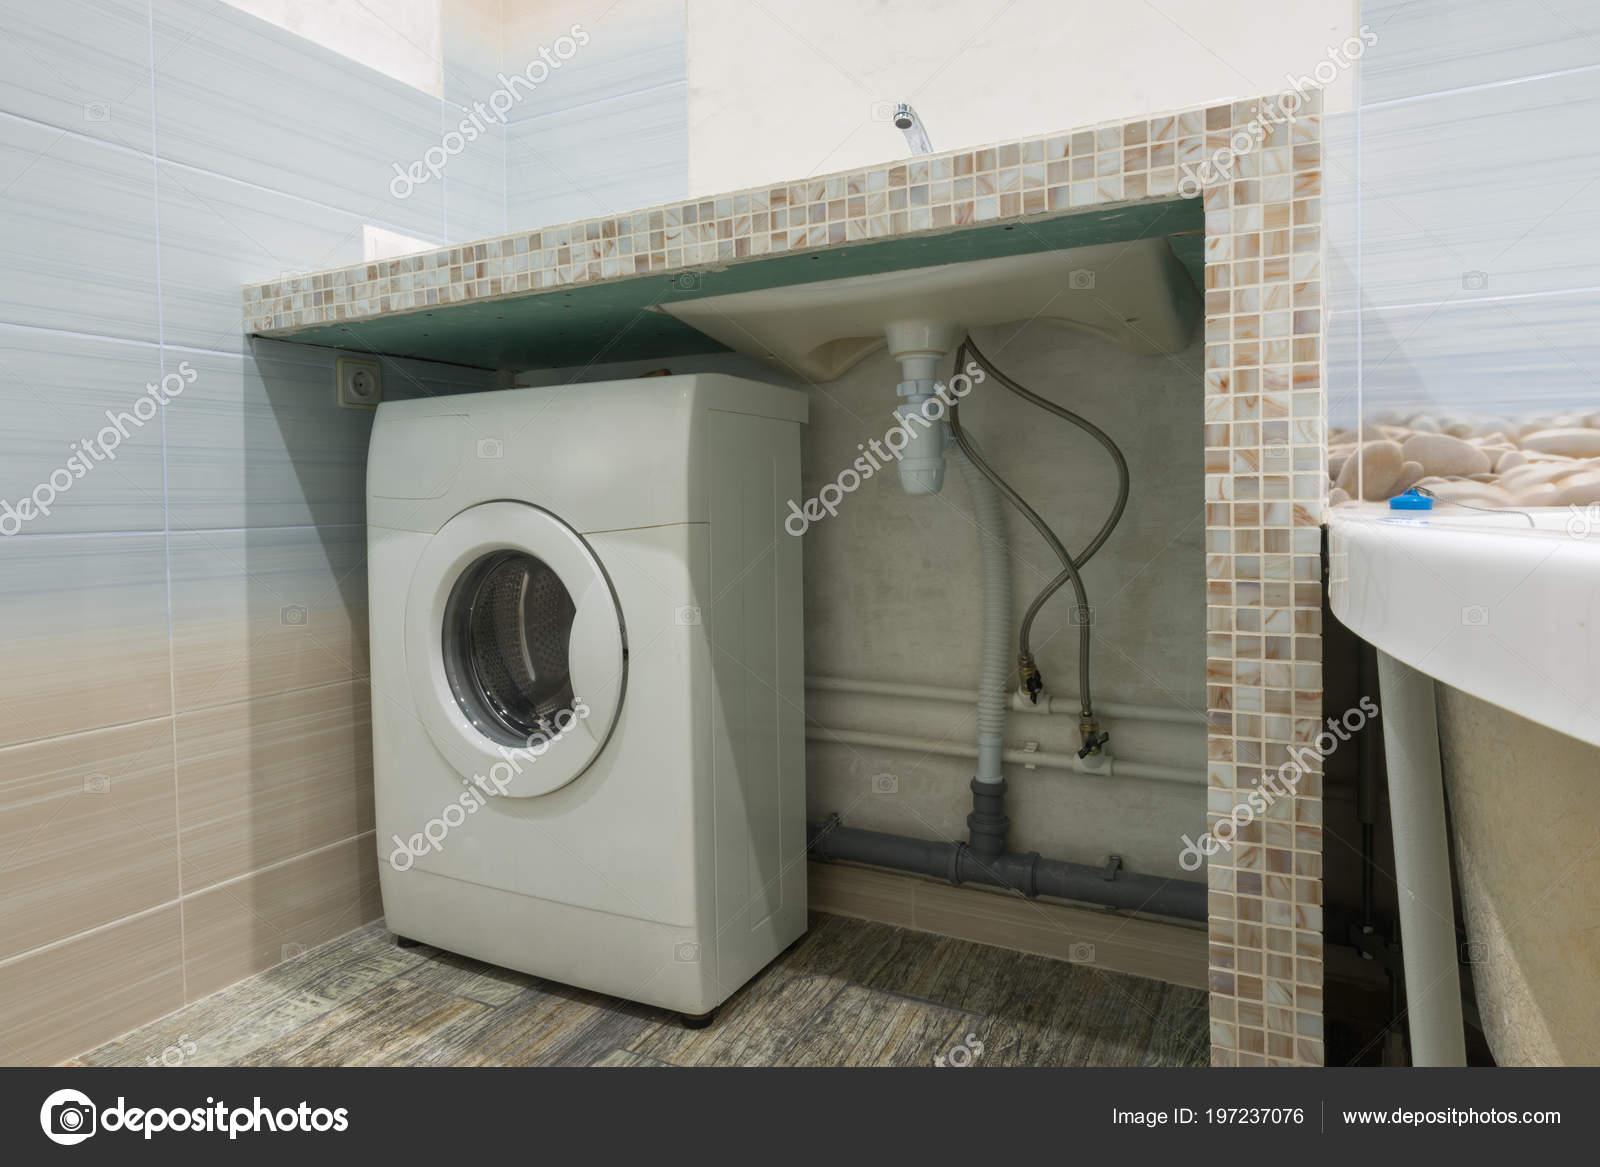 Hausgemachte Sockel Das Waschbecken Bad Platz Für Eine Waschmaschine U2014  Stockfoto